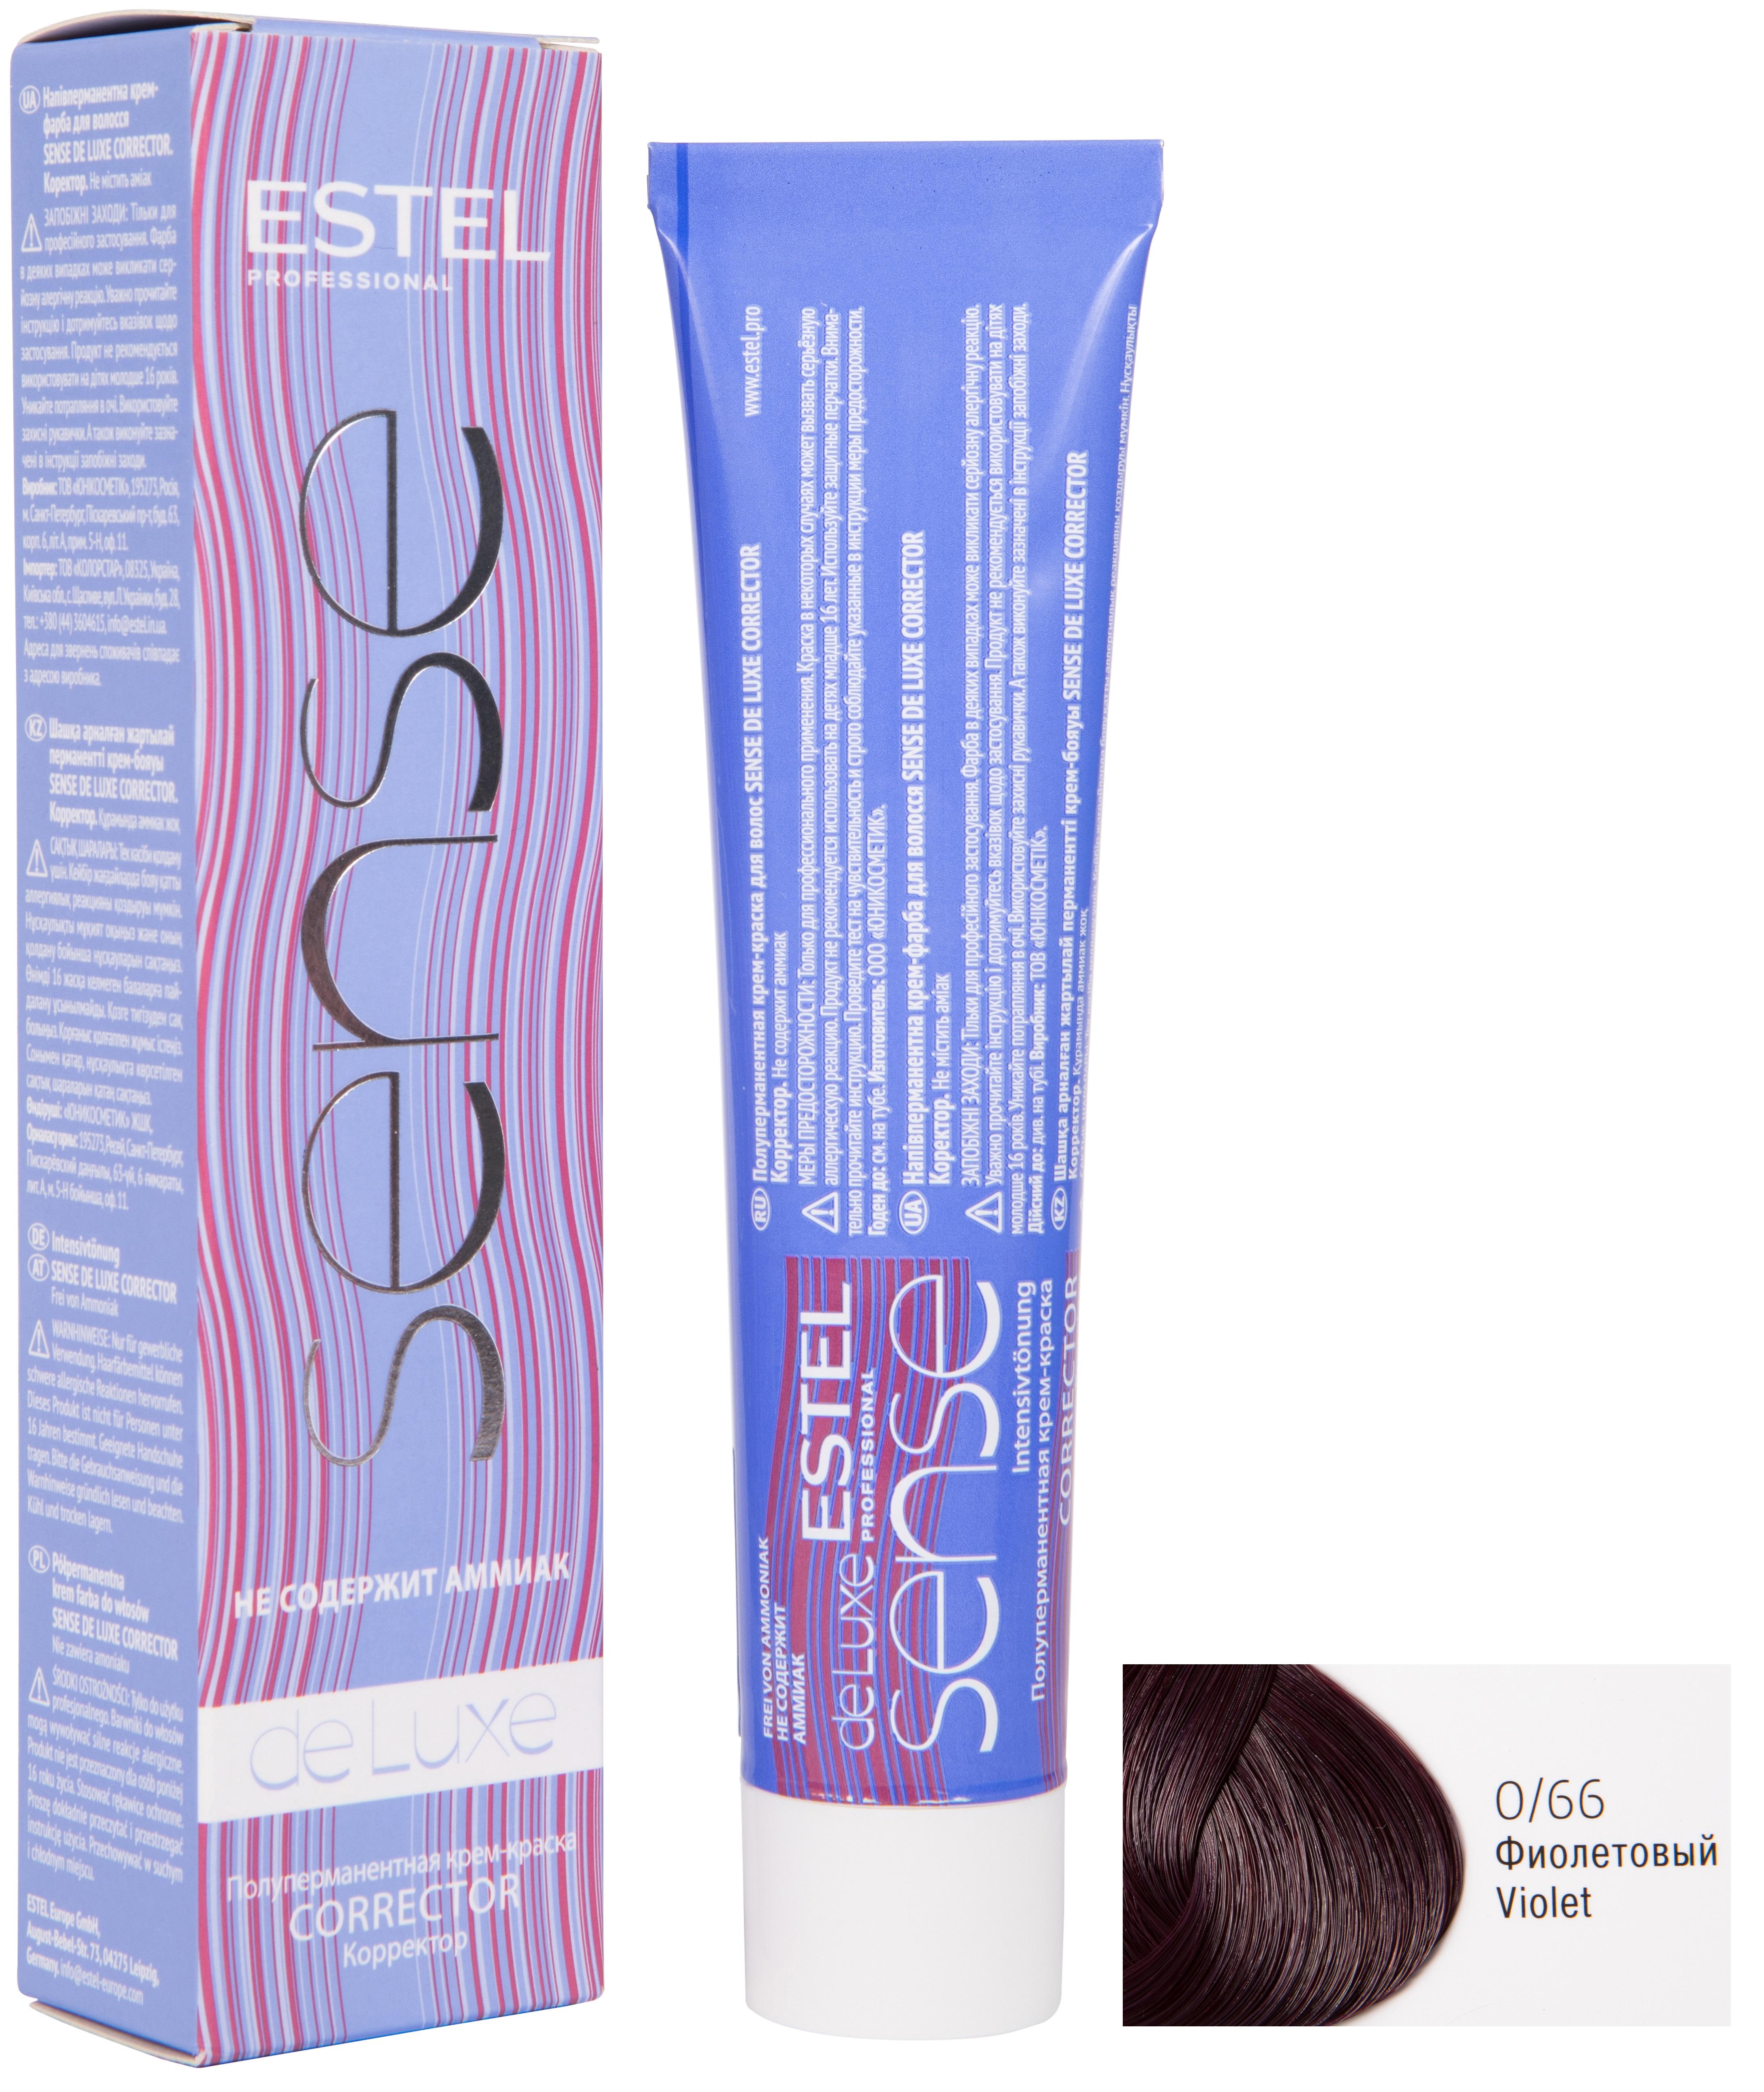 Краска для волос ESTEL PROFESSIONAL 0/66 крем-краска SENSE DE LUXE CORRECTOR для окрашивания волос, фиолетовый 60 мл estel краска для волос de luxe corrector 0 00а аммиачный correct 60 мл